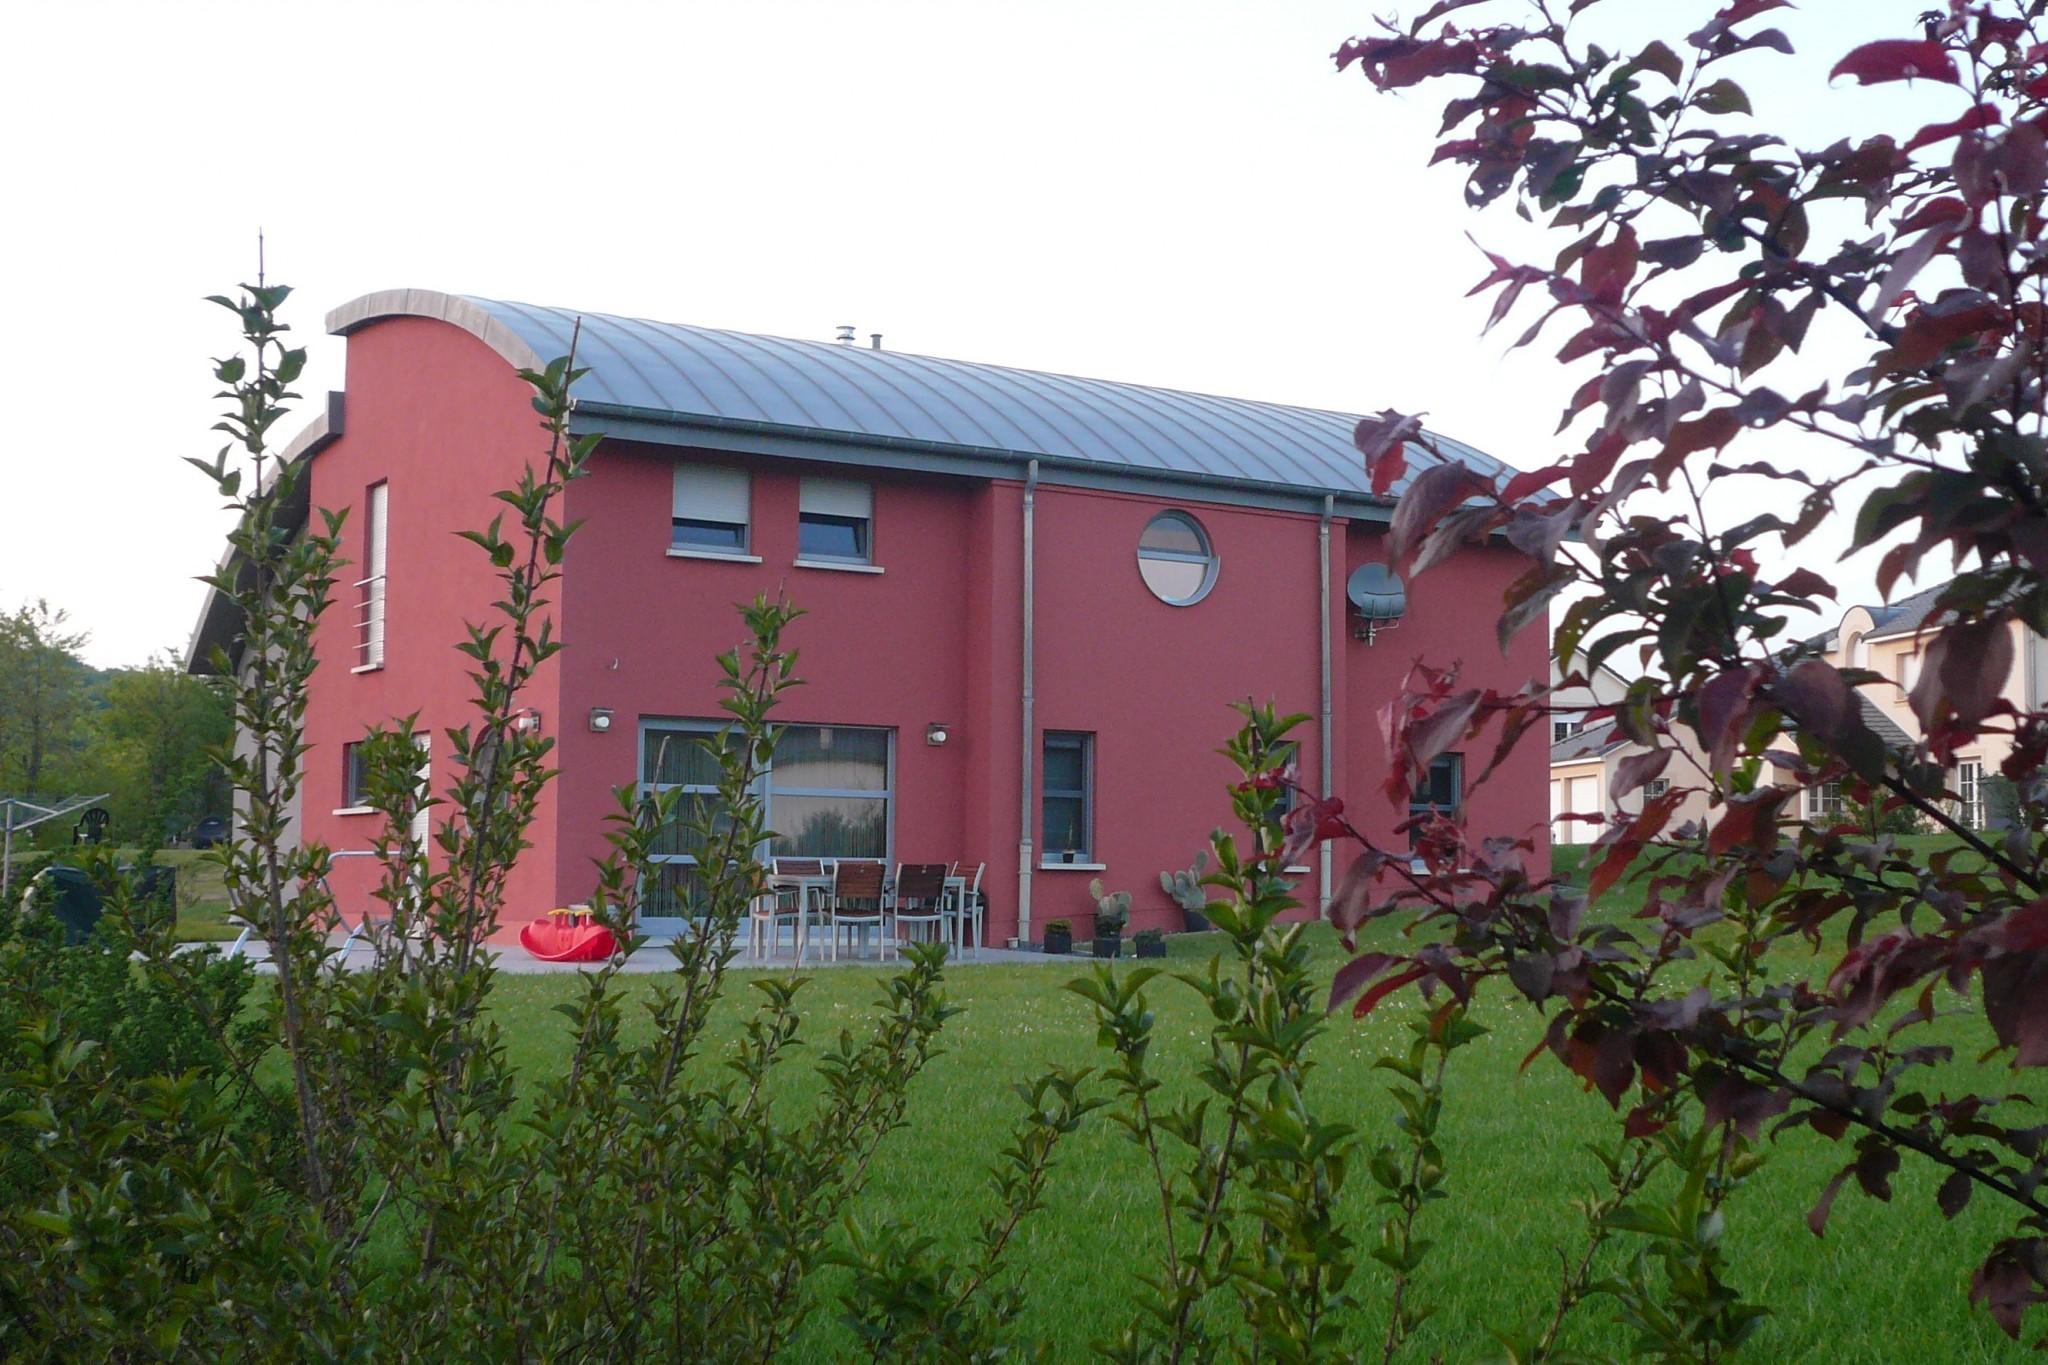 Thierry Noben Architecte Maison Oldrizzi France